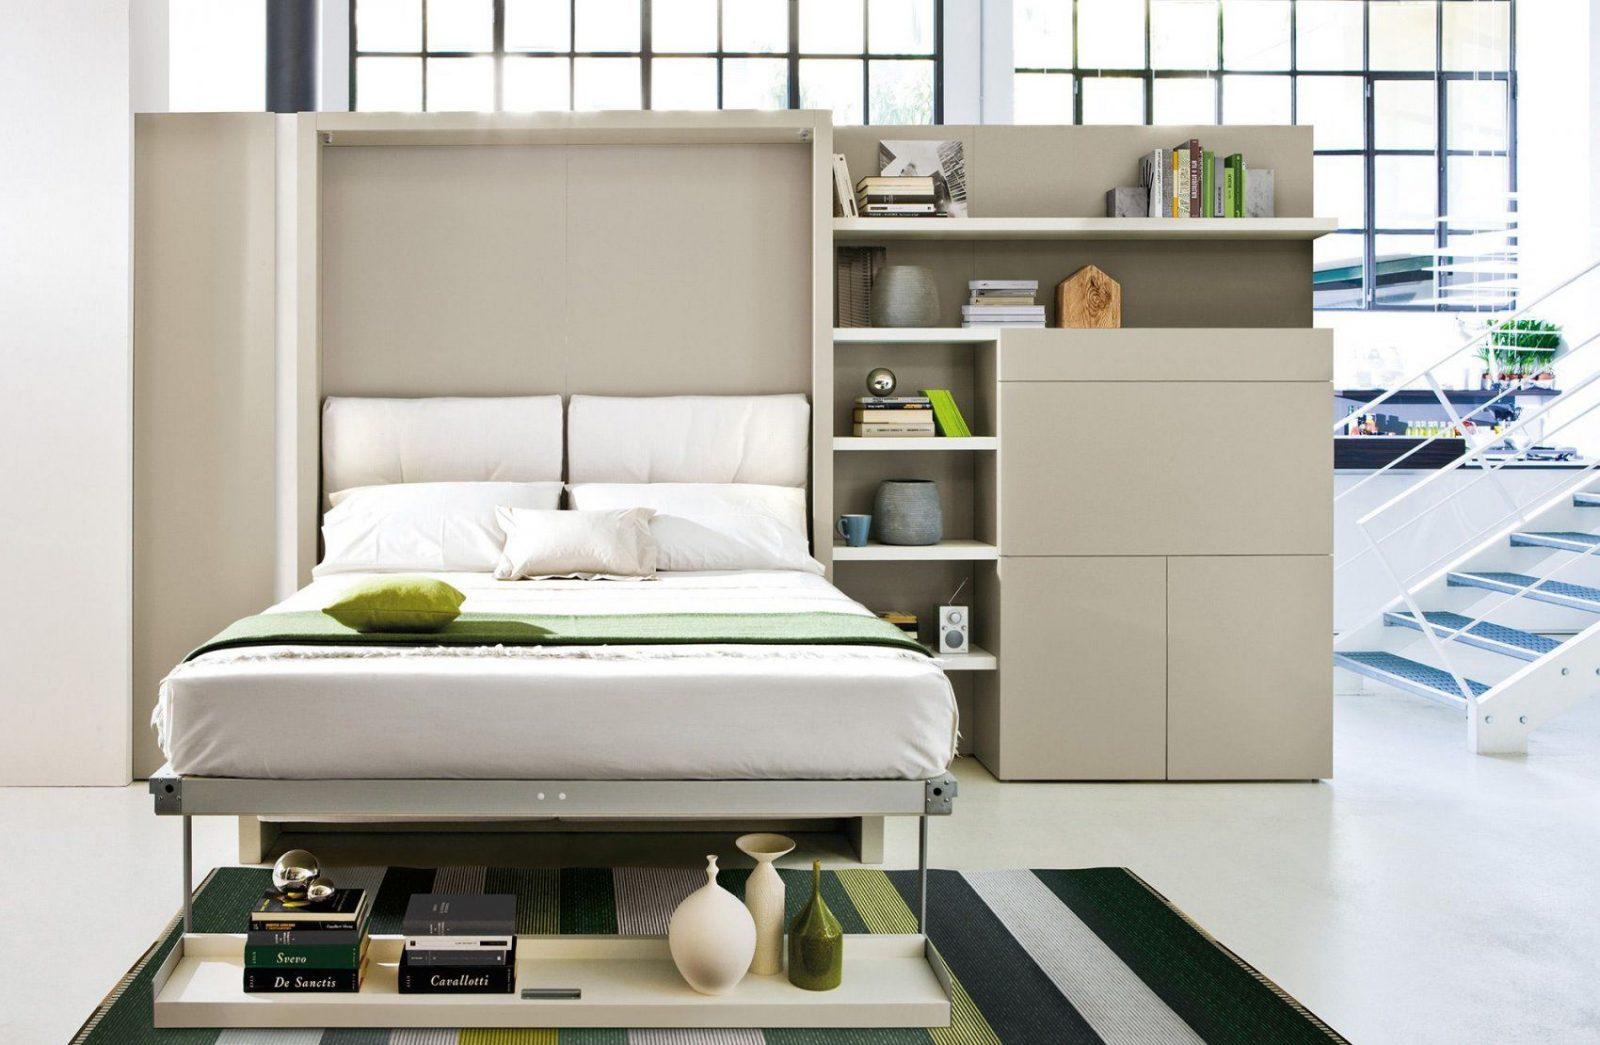 Kleine Räume Wenig Platz Optimal Nutzen Verwandlung Sozialräume von Kinderzimmer Für Kleine Räume Bild